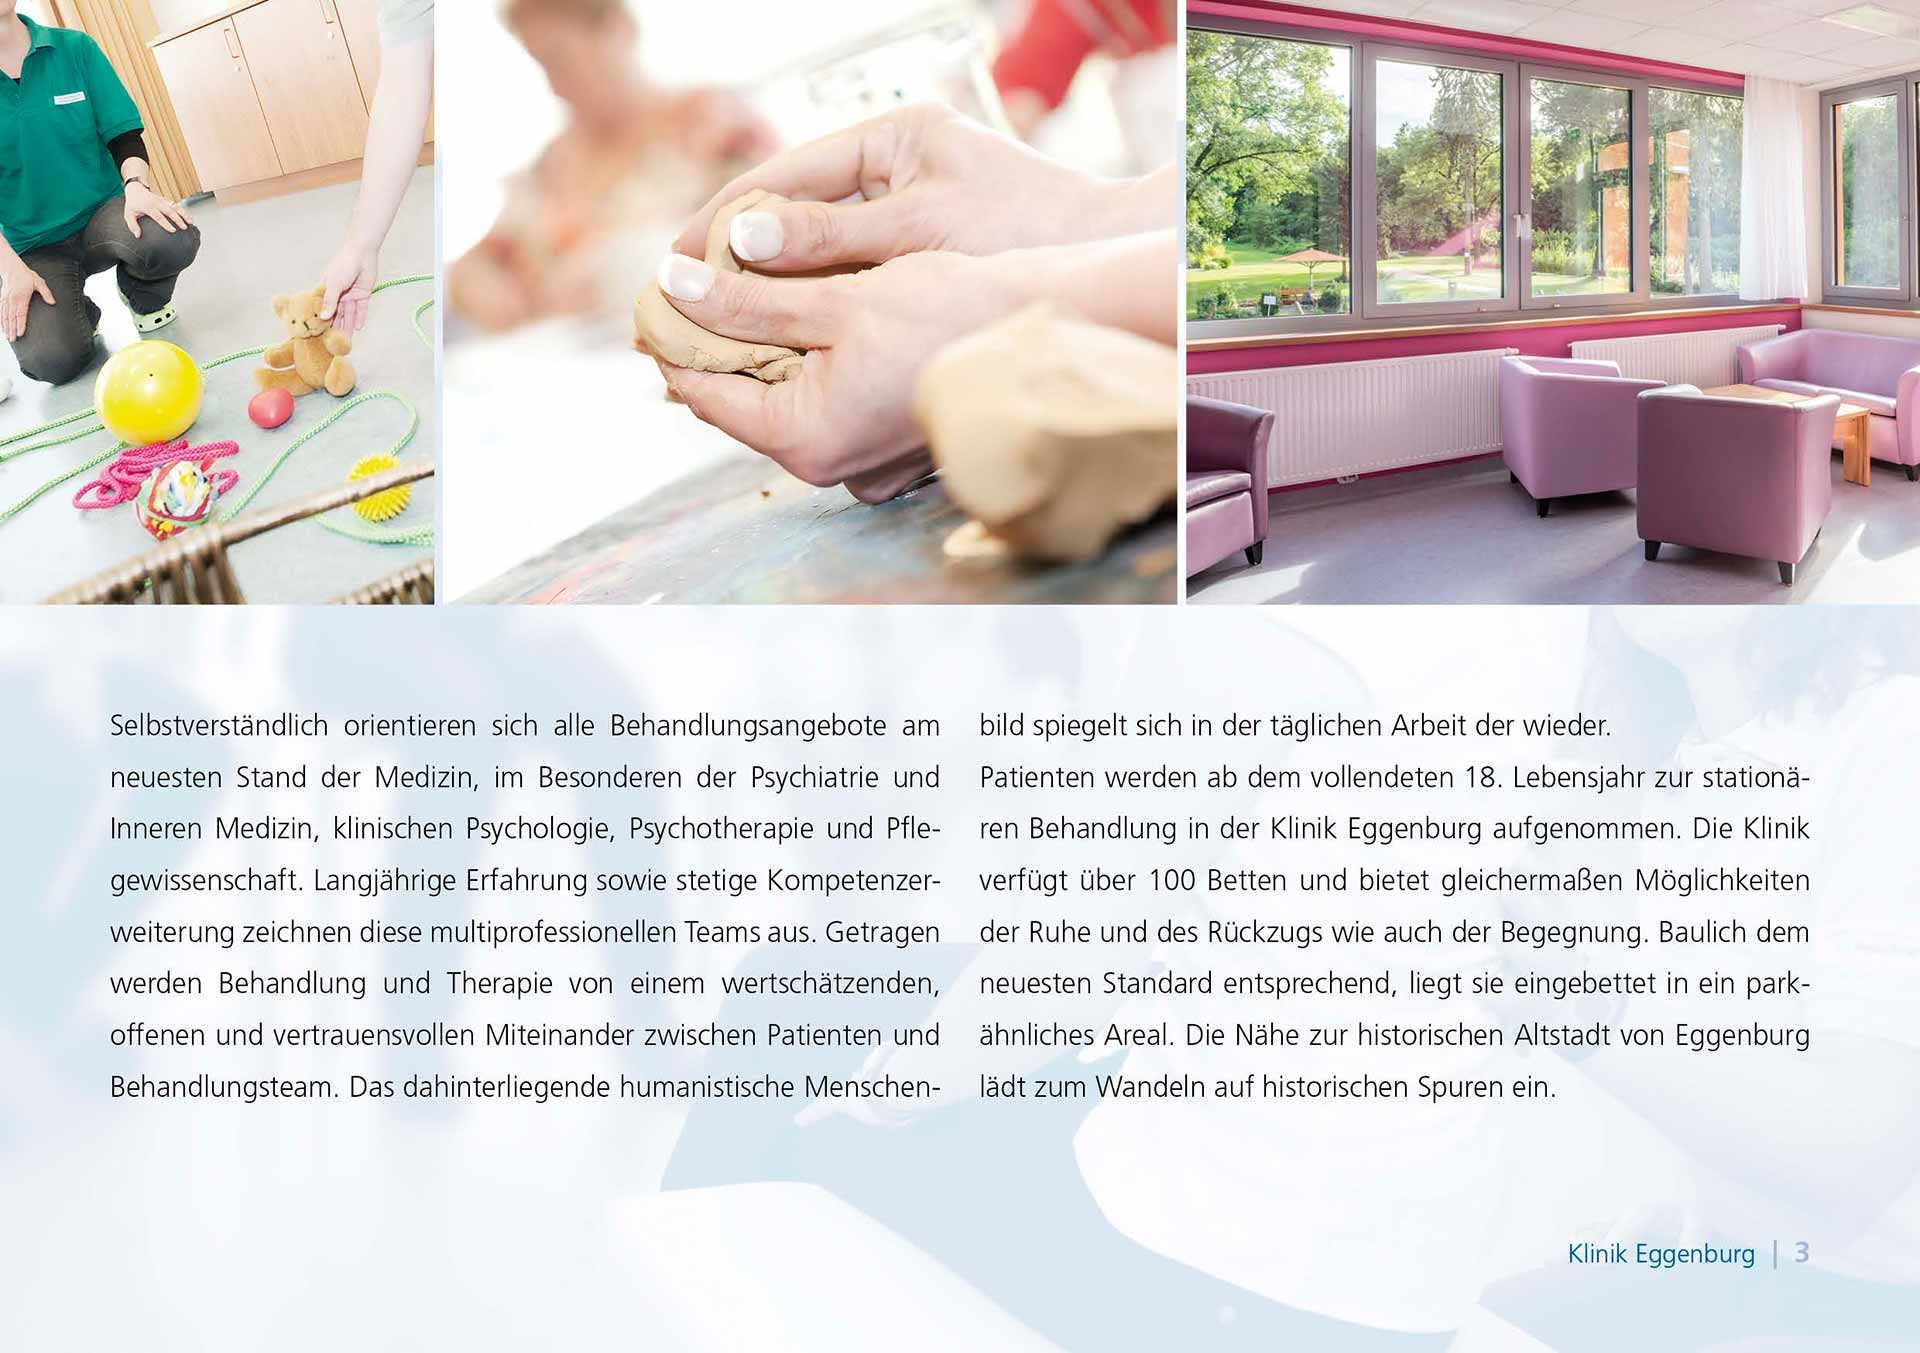 Universitätsklinik Eggenburg – Imagefolder, Fotos: ©Reinhard Podolsky/mediadesign